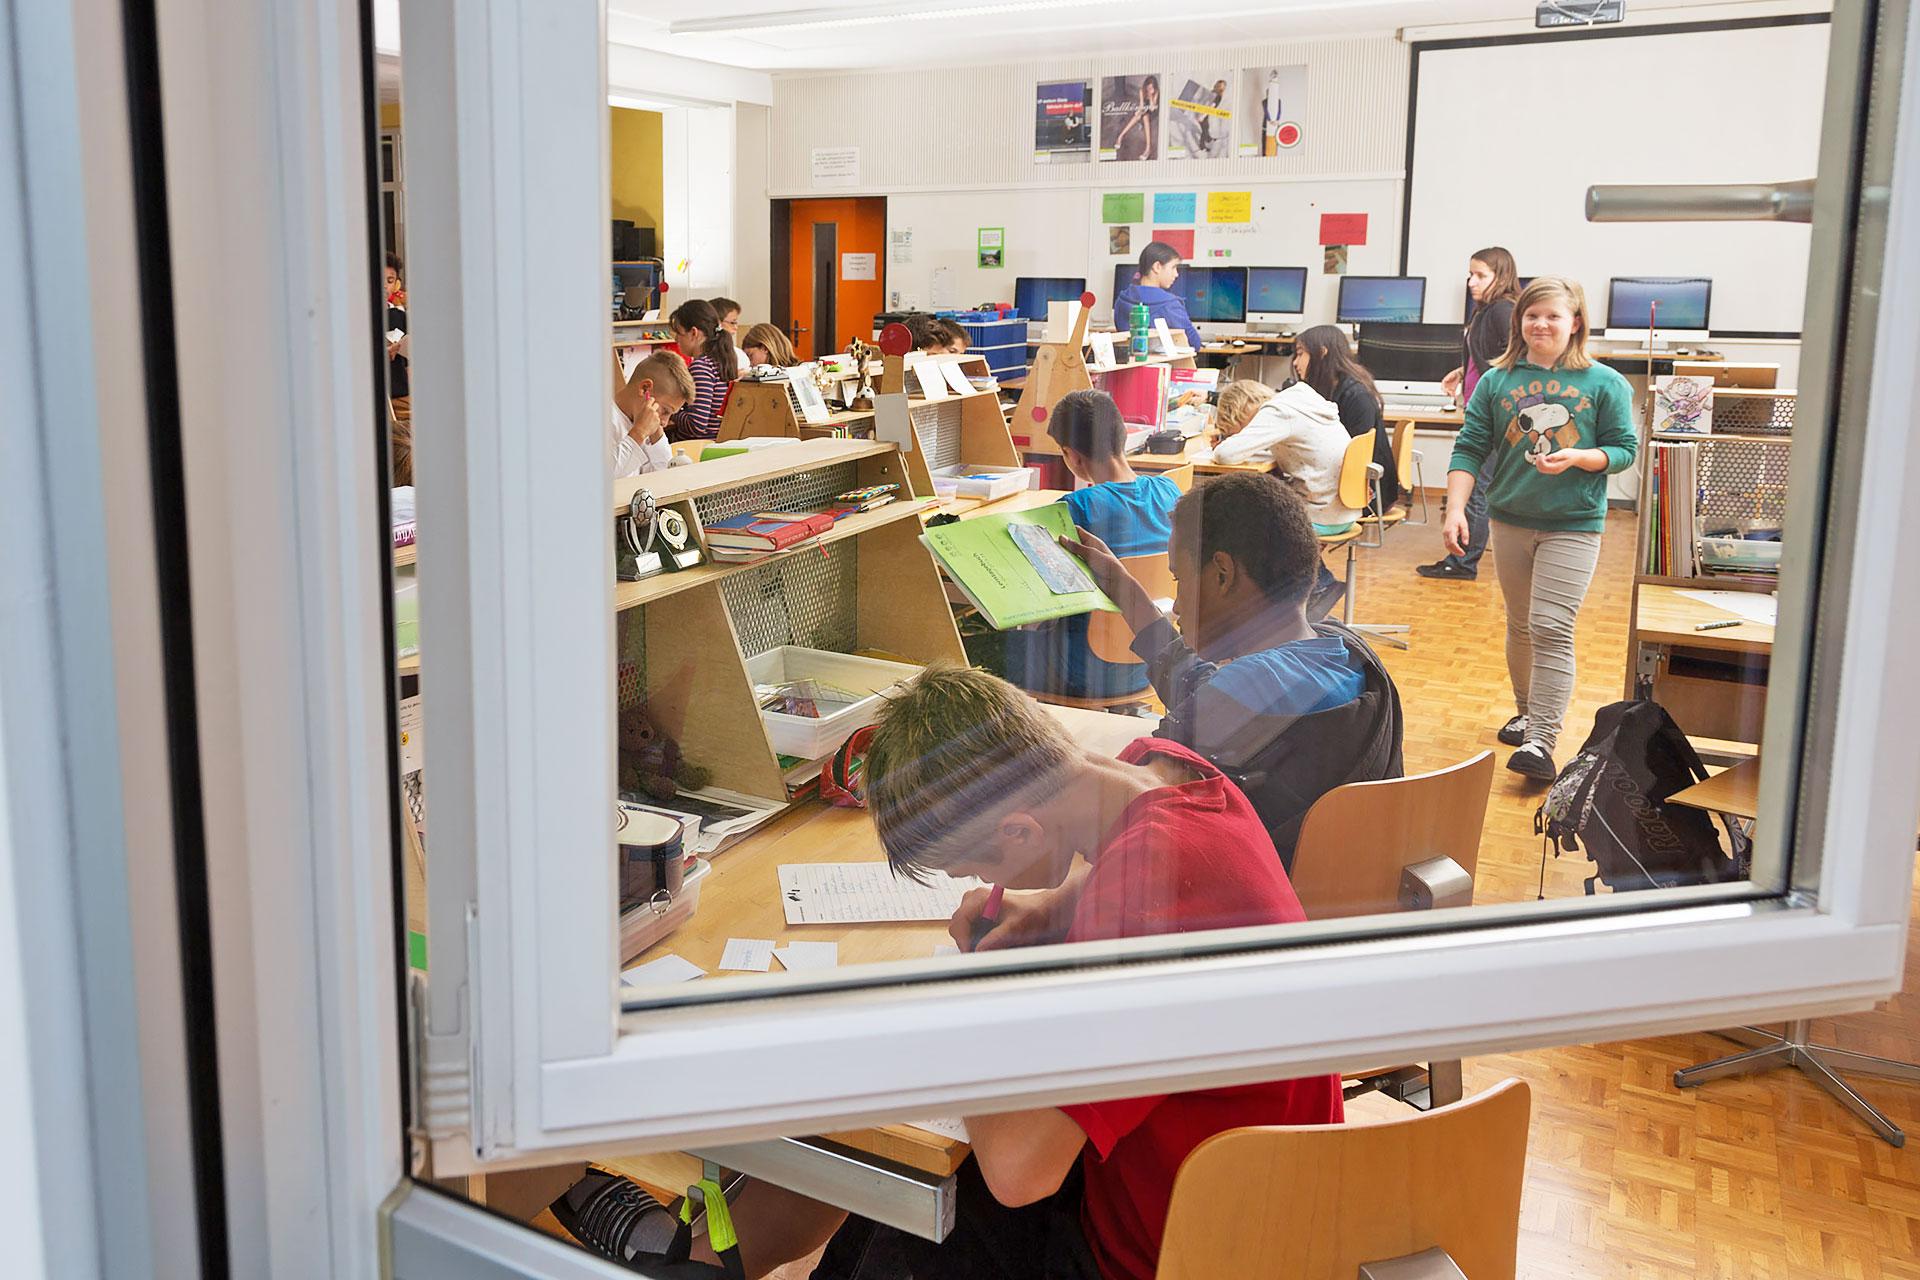 Blick durch ein Fenster in ein Schulzimemr mit persönlichen Arbeitsplätzen für Schüler/innen